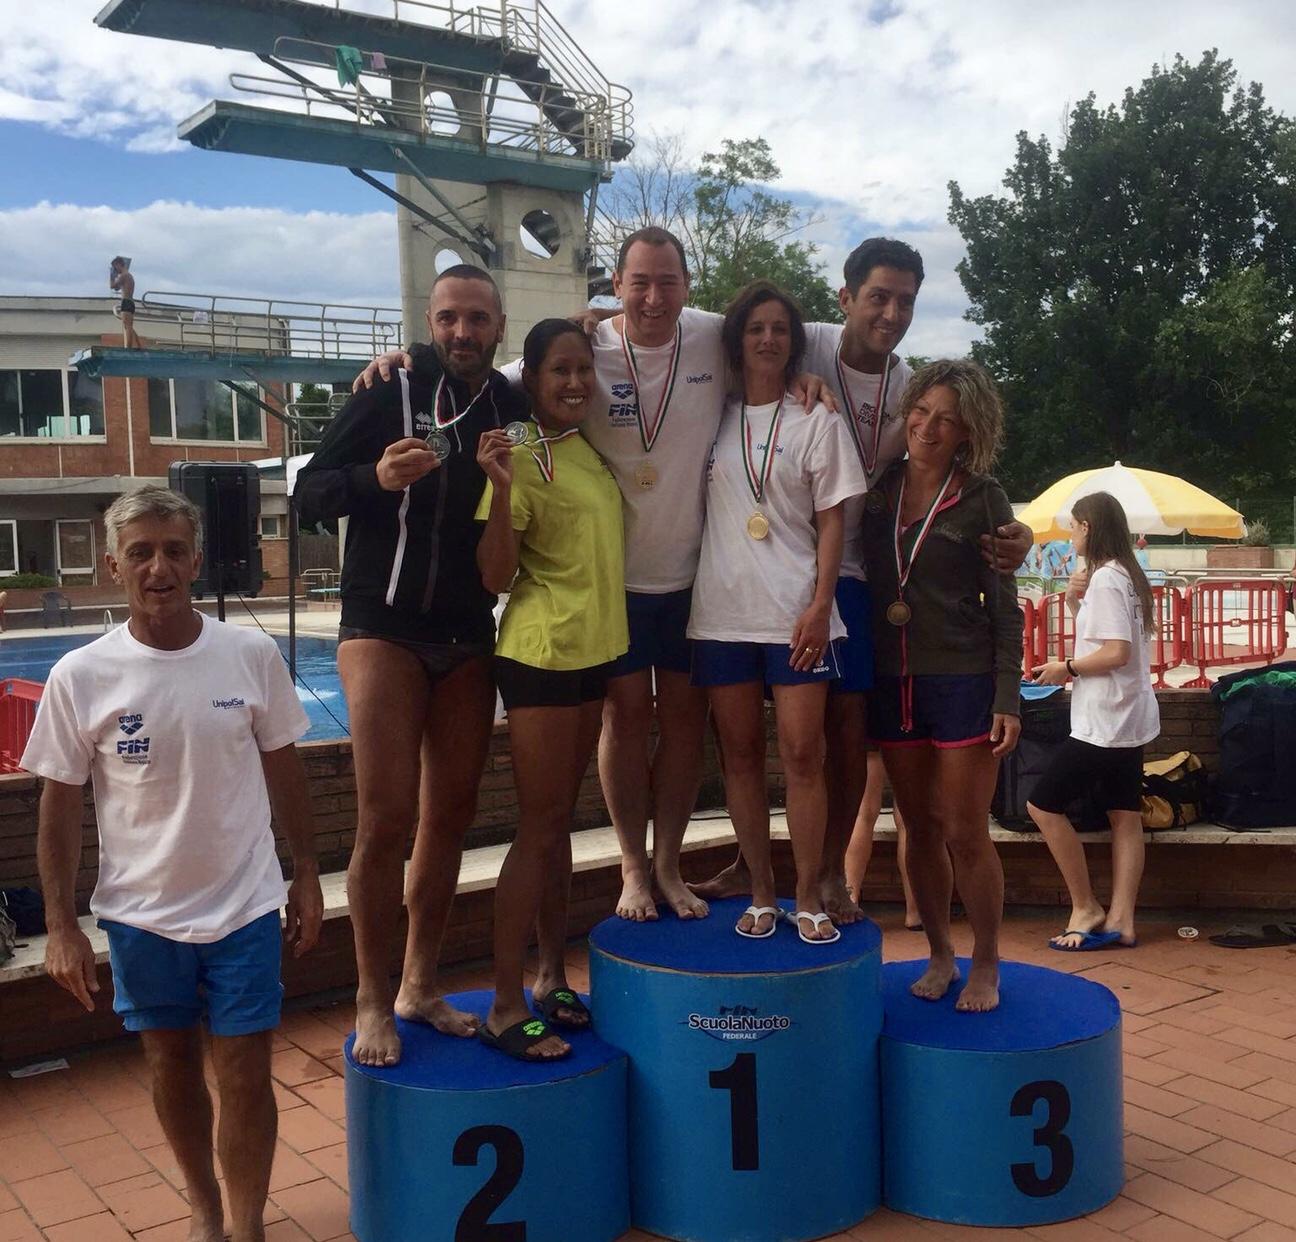 Campionati Master: Colle Val D'Elsa - i risultati della prima giornata